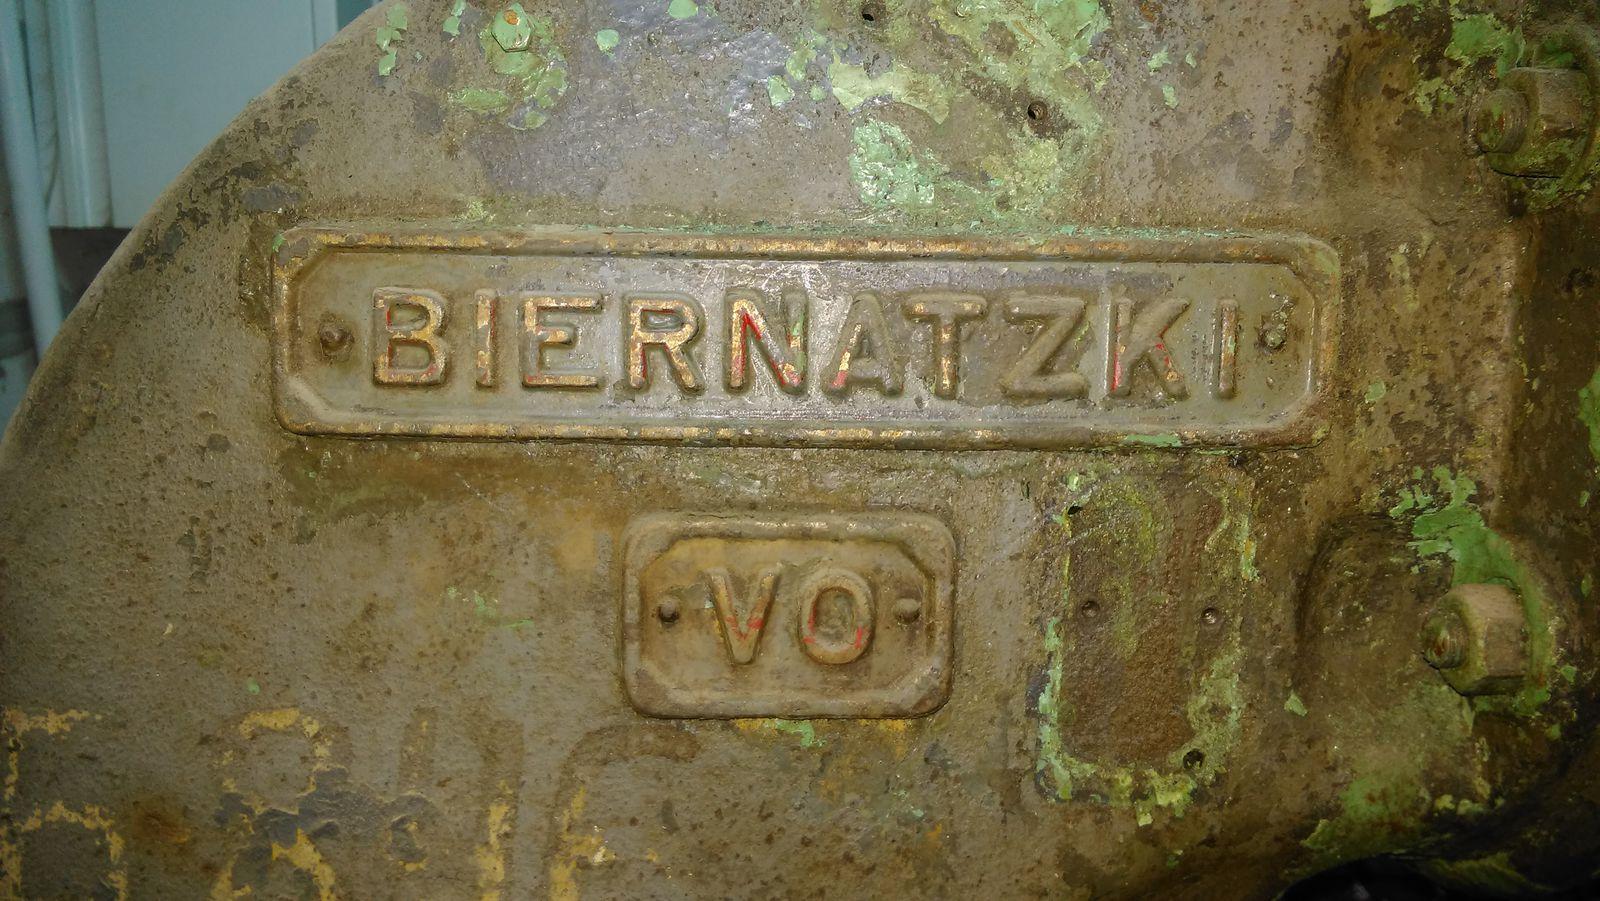 Biernatzki V0